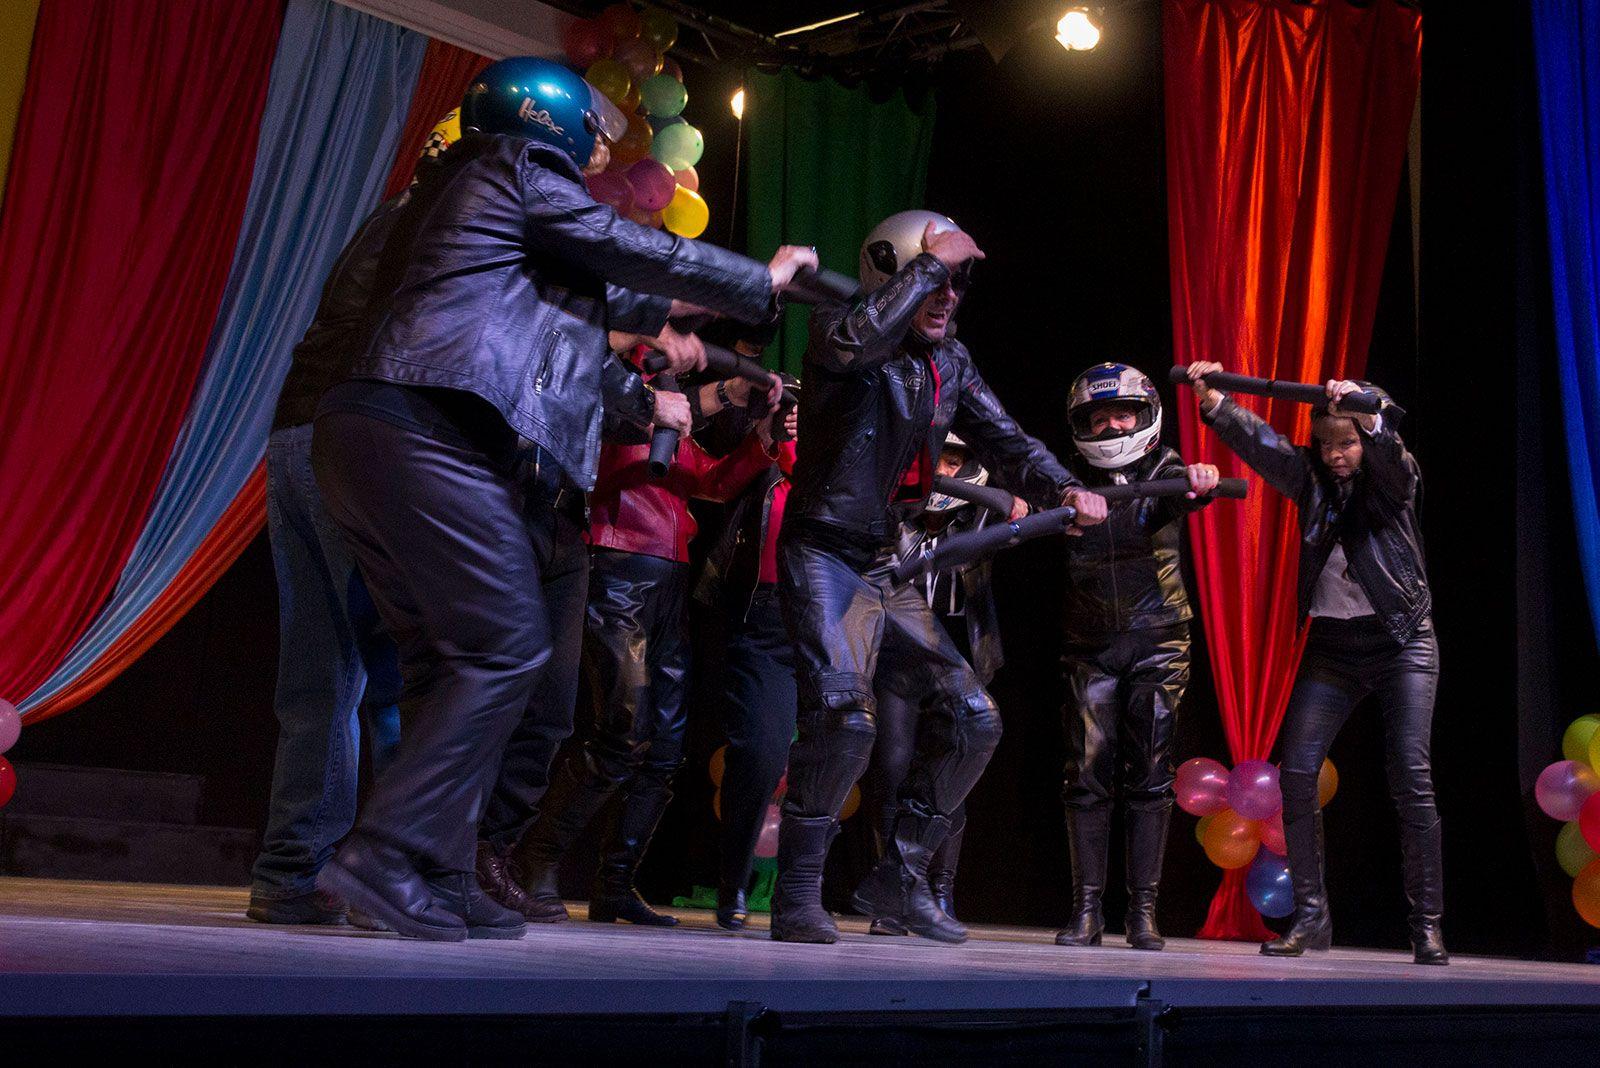 Show de Festa Major dels Marxosos a la nau de cultura de Valldoreix. FOTO: Paula Galván